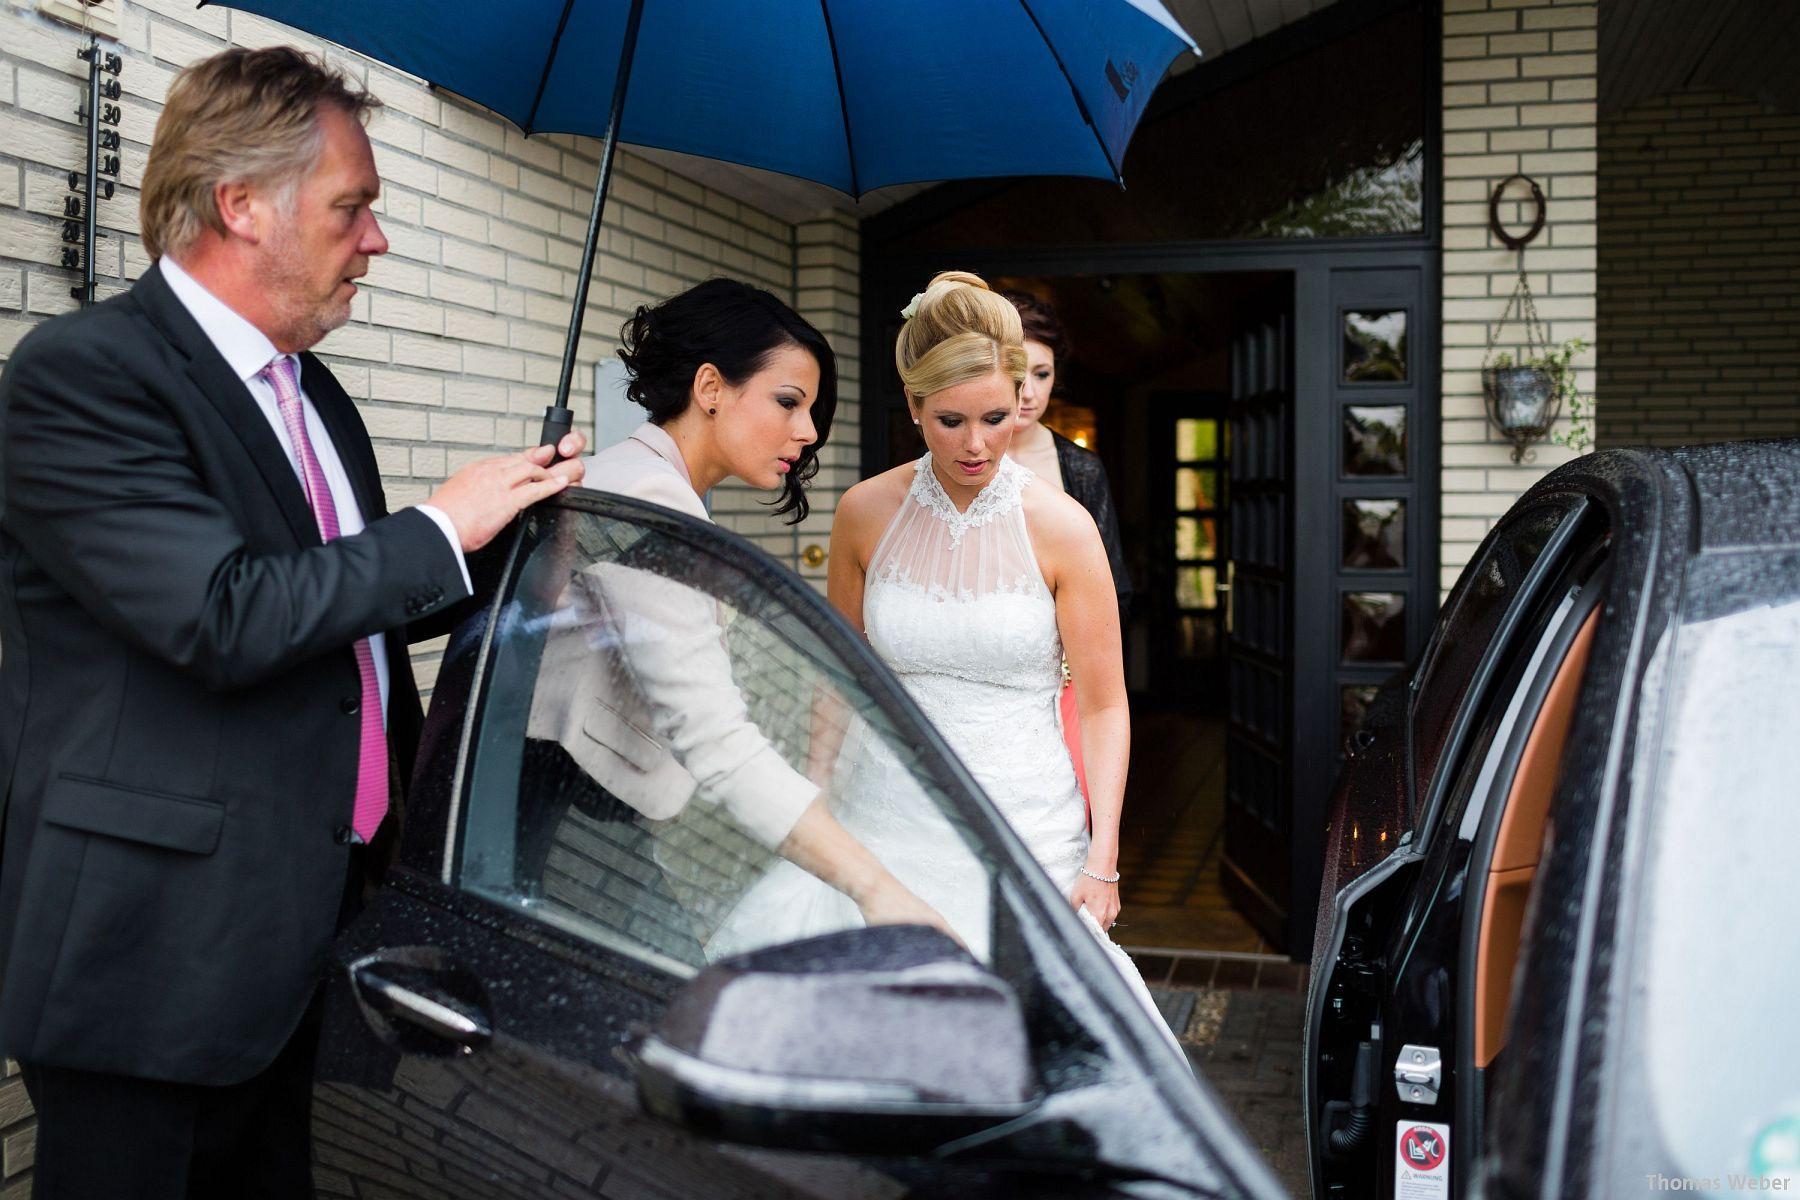 Hochzeitsfotograf Oldenburg: Hochzeit in der Eventscheune St. Georg in Rastede (38)